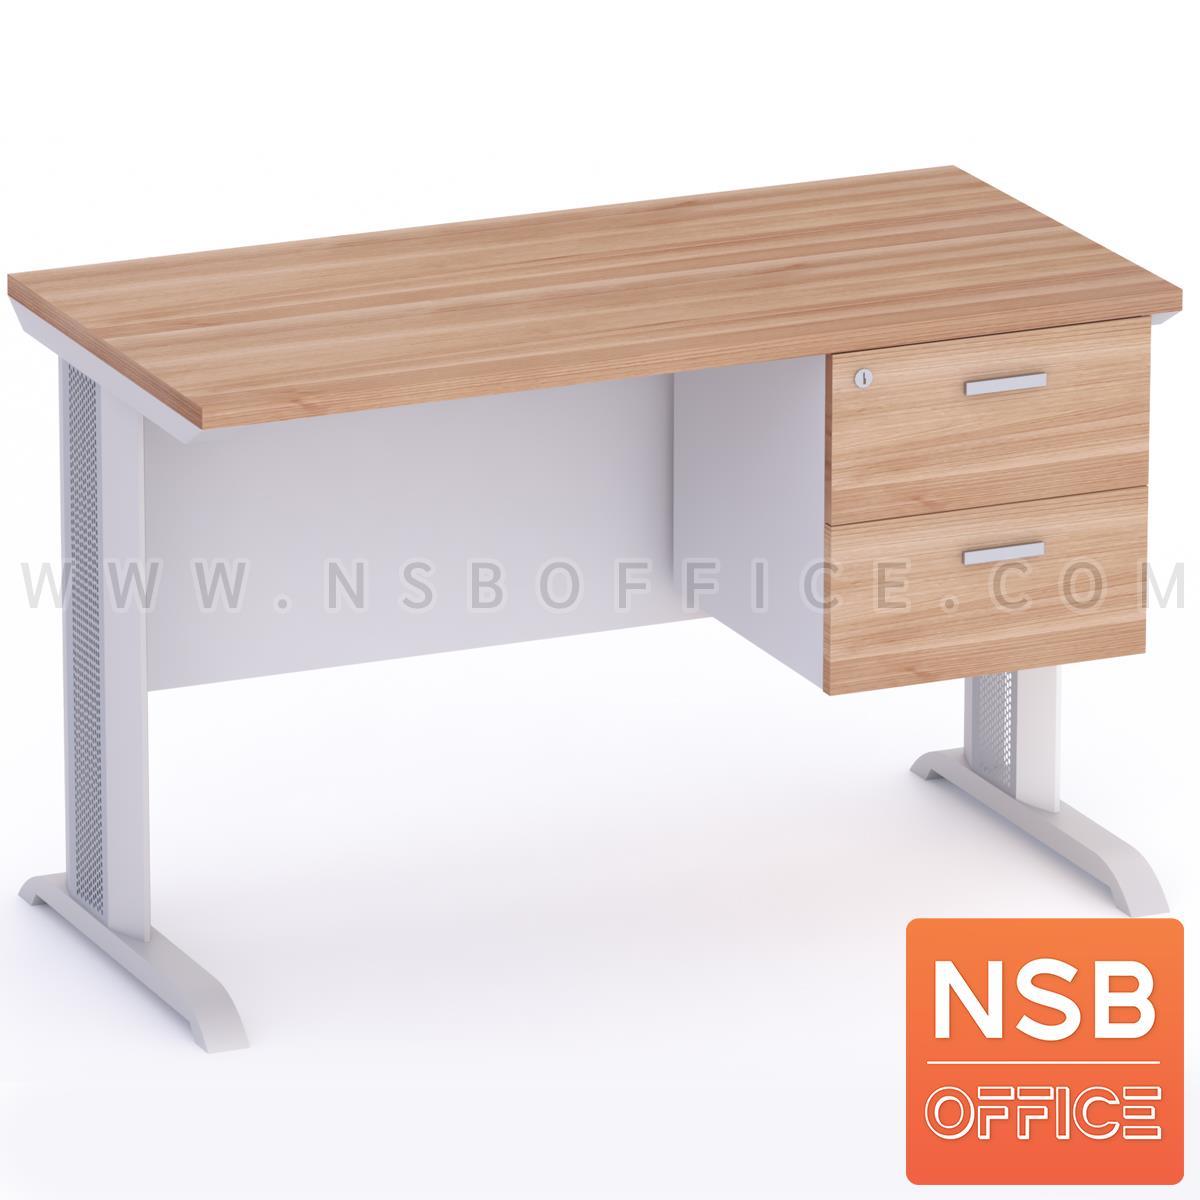 A18A001:โต๊ะทำงาน 2 ลิ้นชัก รุ่น Sutton (ซัตตัน) 120W, 135W, 150W, 180W (60D) cm. ขาเหล็กตัวแอล